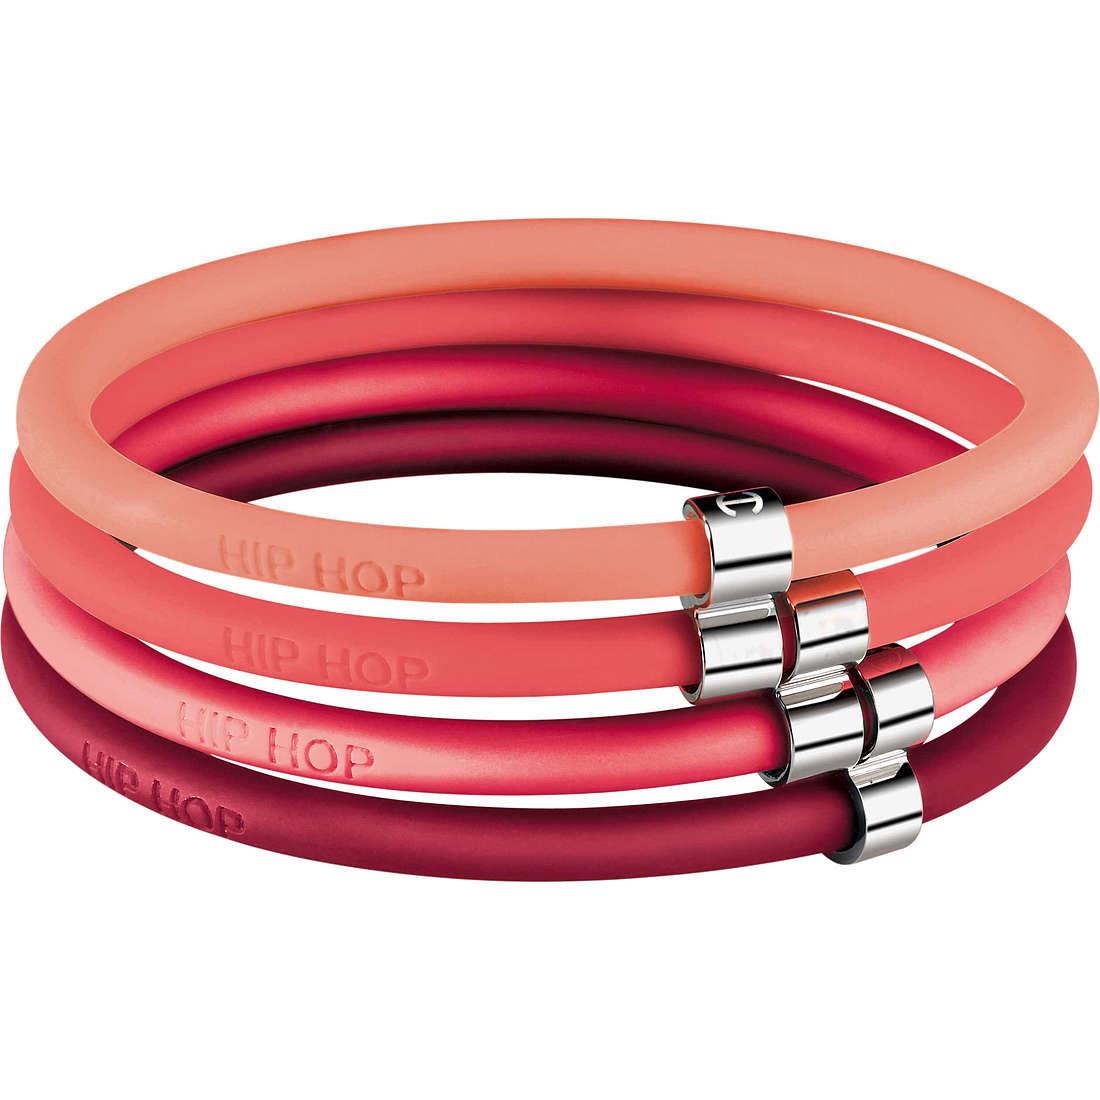 bracelet woman jewellery Hip Hop Happy Loops HJ0103